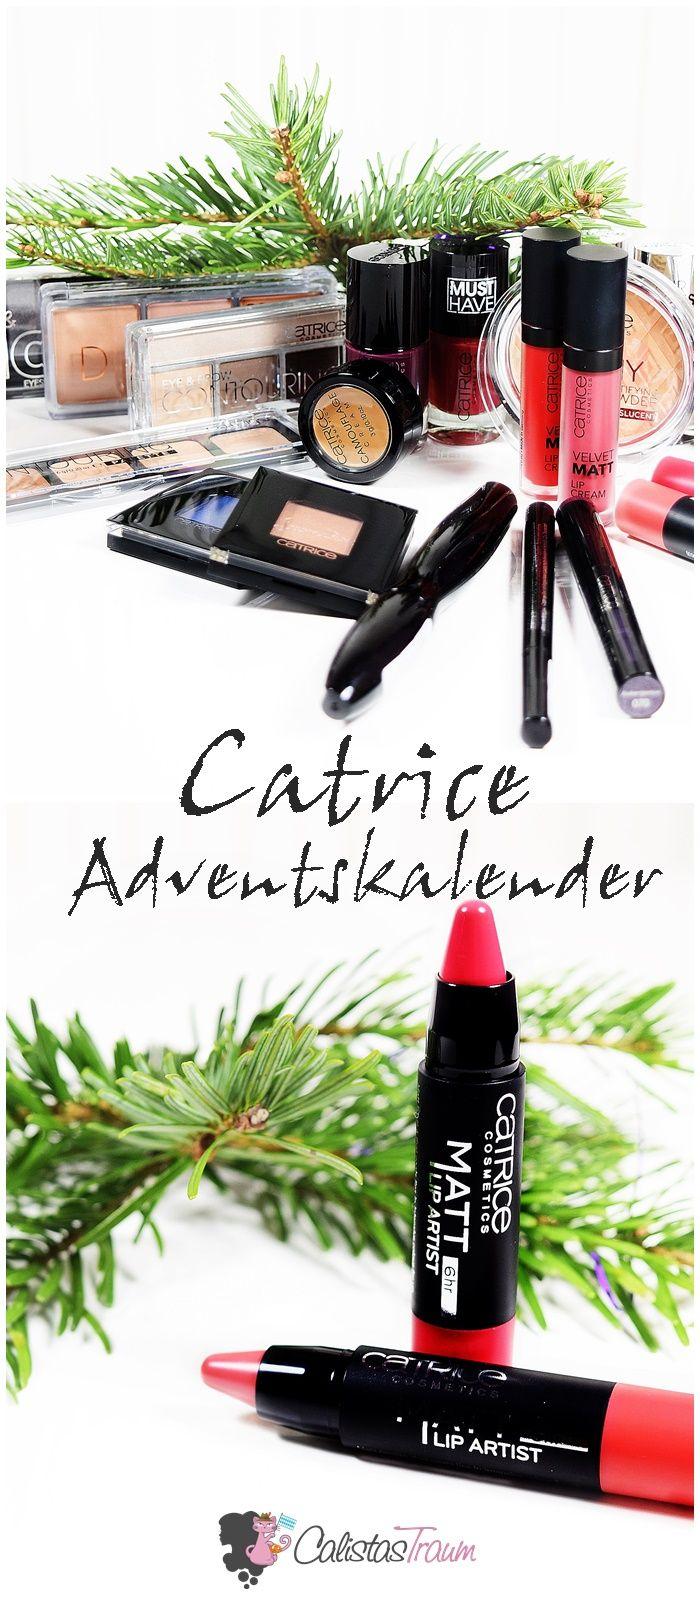 Catrice Adventskalender, Kalender Inhalt, Weihnachten